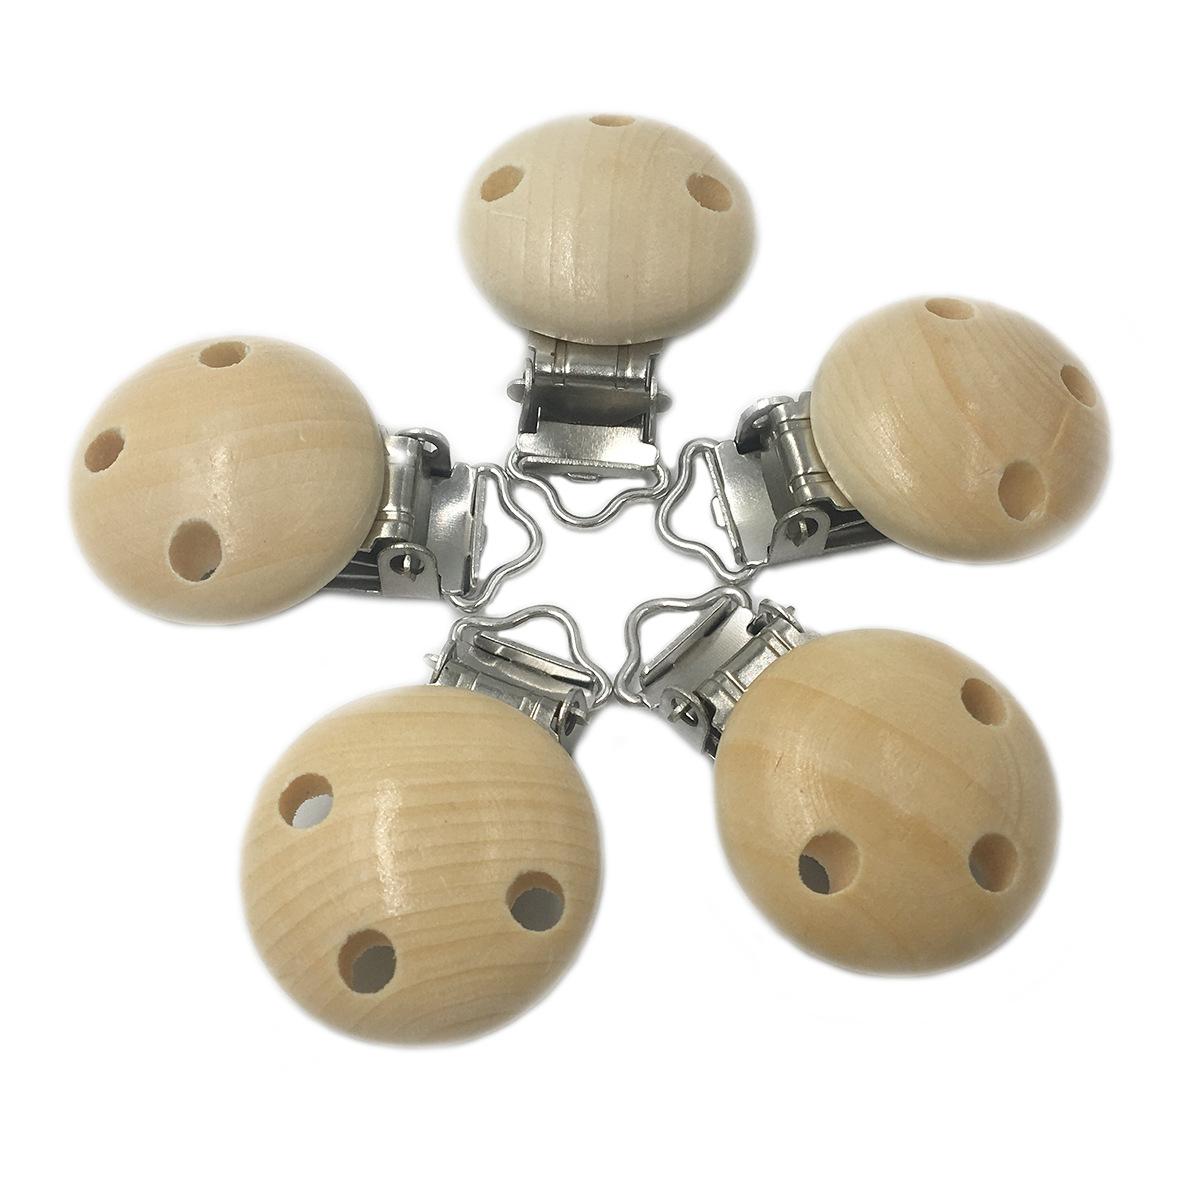 [해외]젖꼭지 클립 5pc 둥근 자연 색상 나무 아기 홀더 Teether 젖니가 남 범용 유기 나무 더미 Cilps 구슬/Pacifier Clip 5pc Round Natural Color Wooden Baby Holder Teether Teething Universa